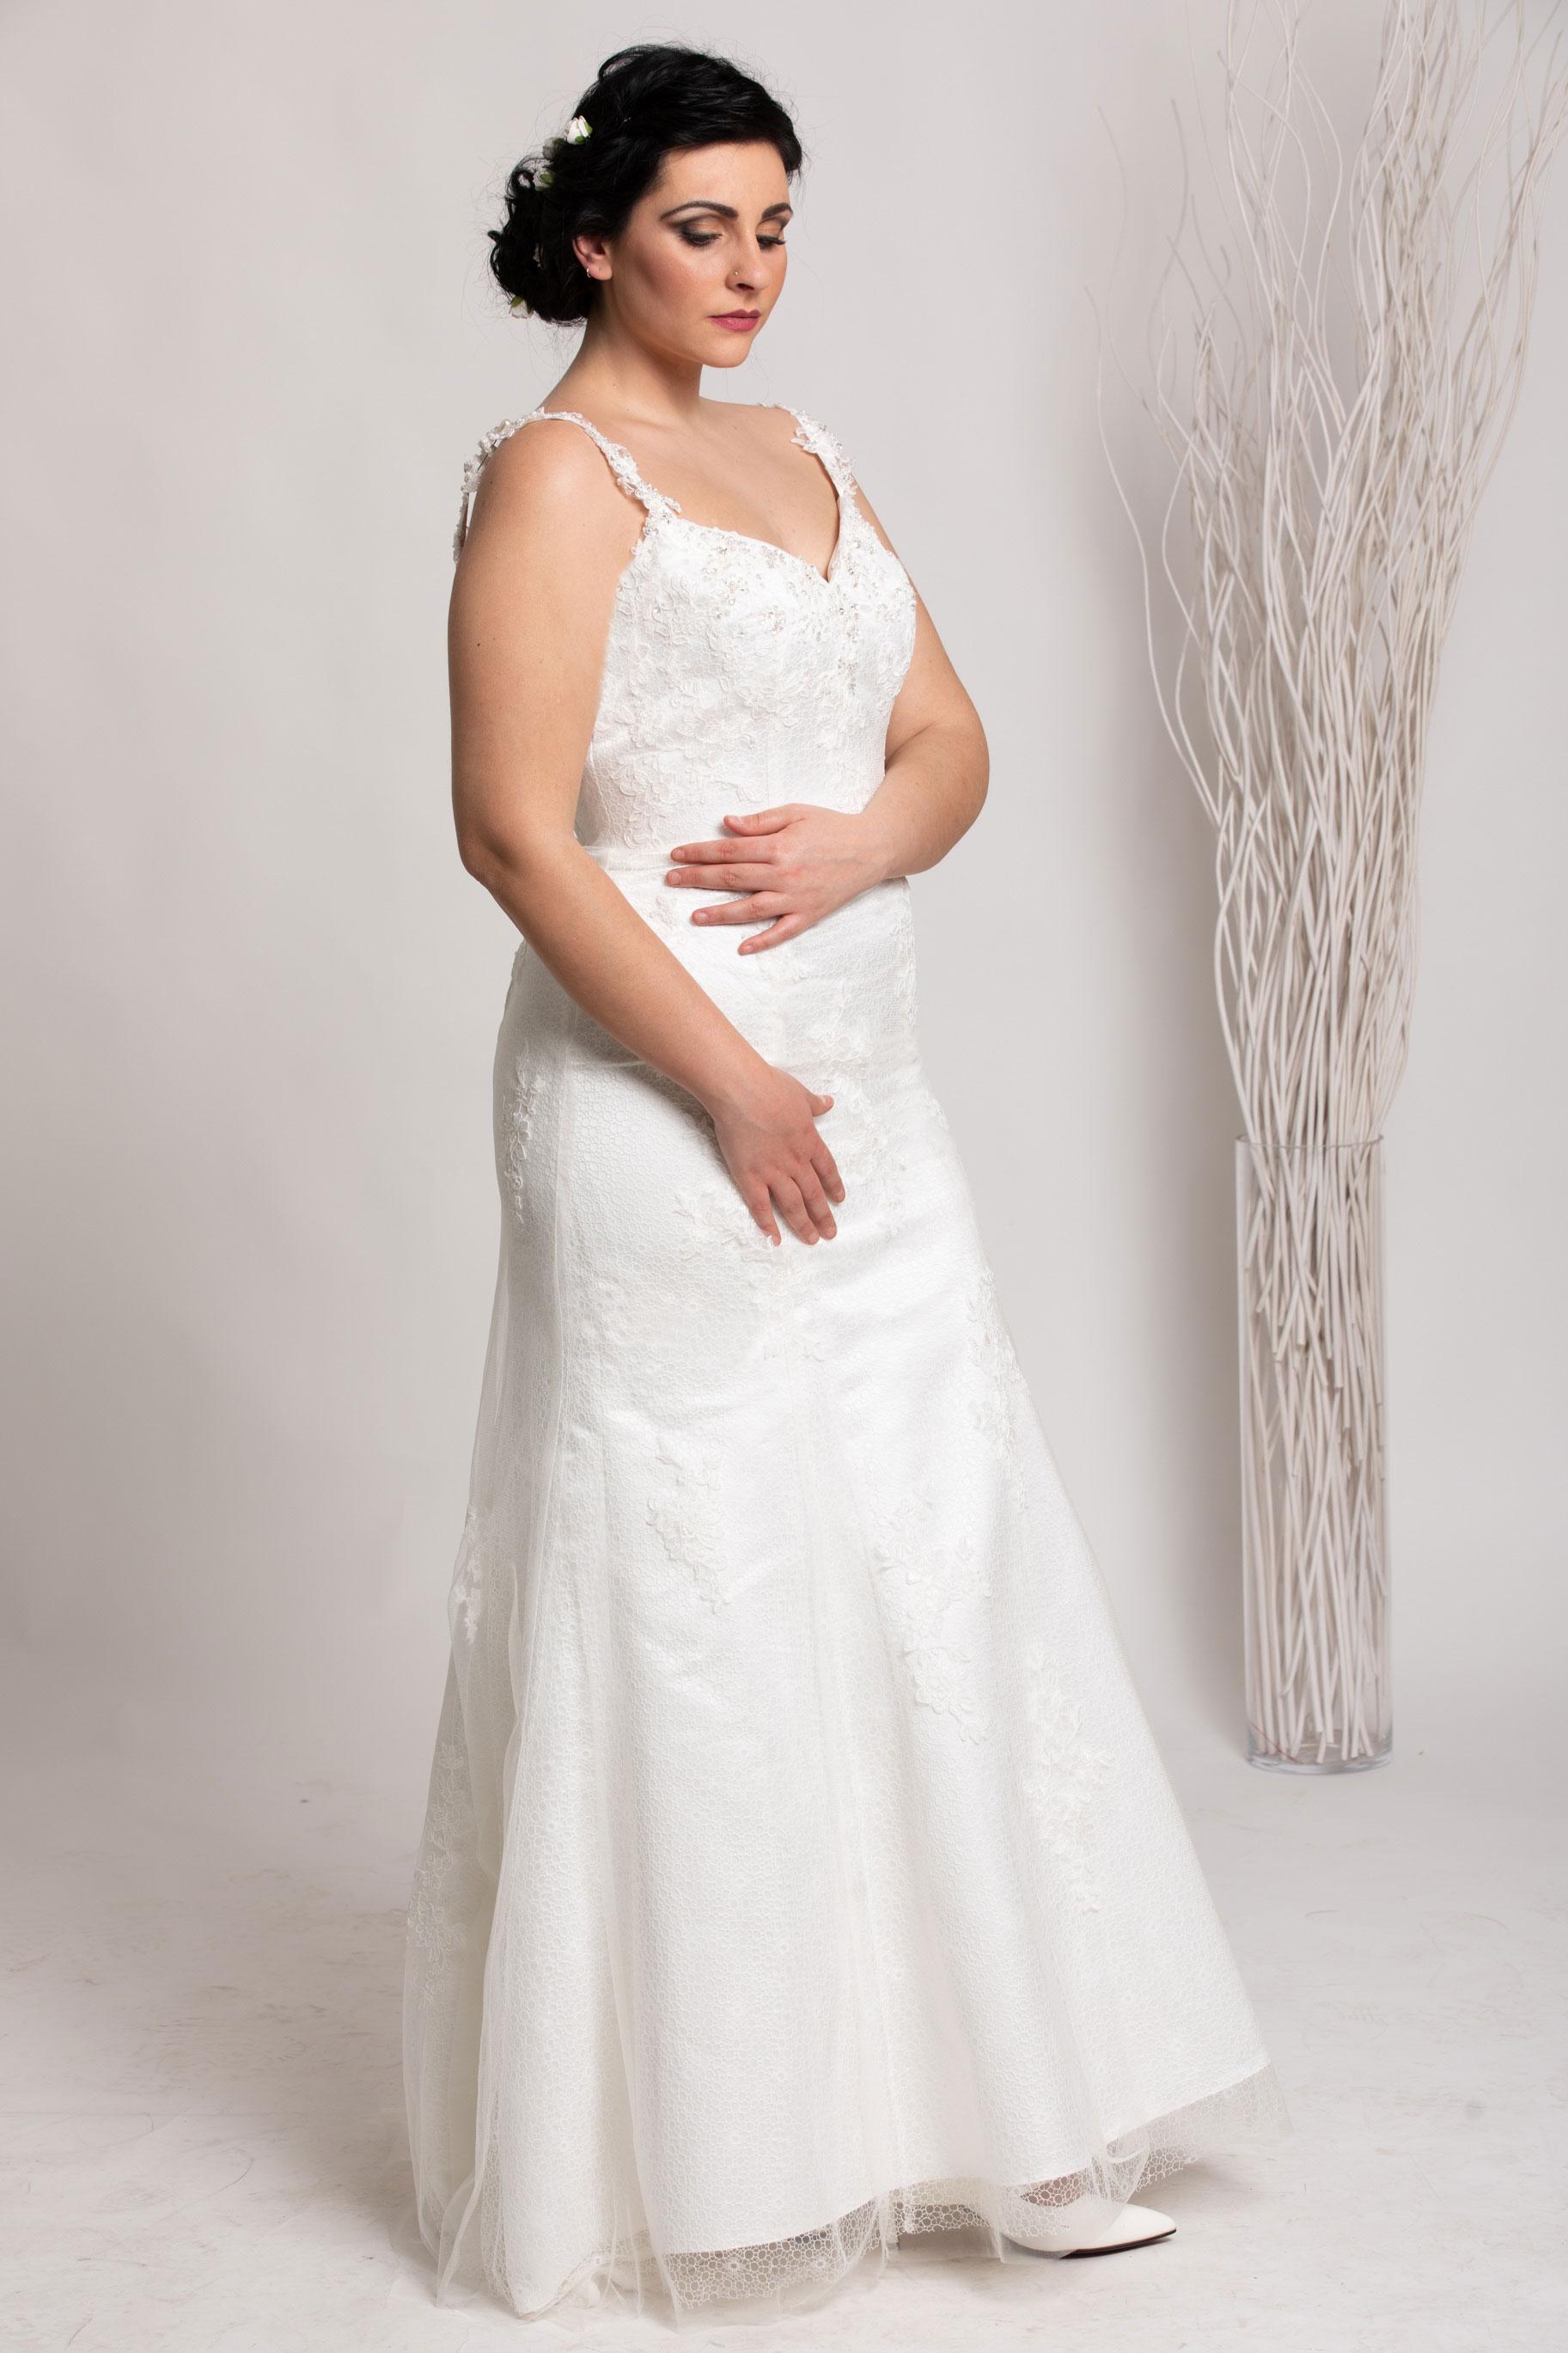 Abito Casa della Sposa Lecce Collezione Curvy modello Blanca